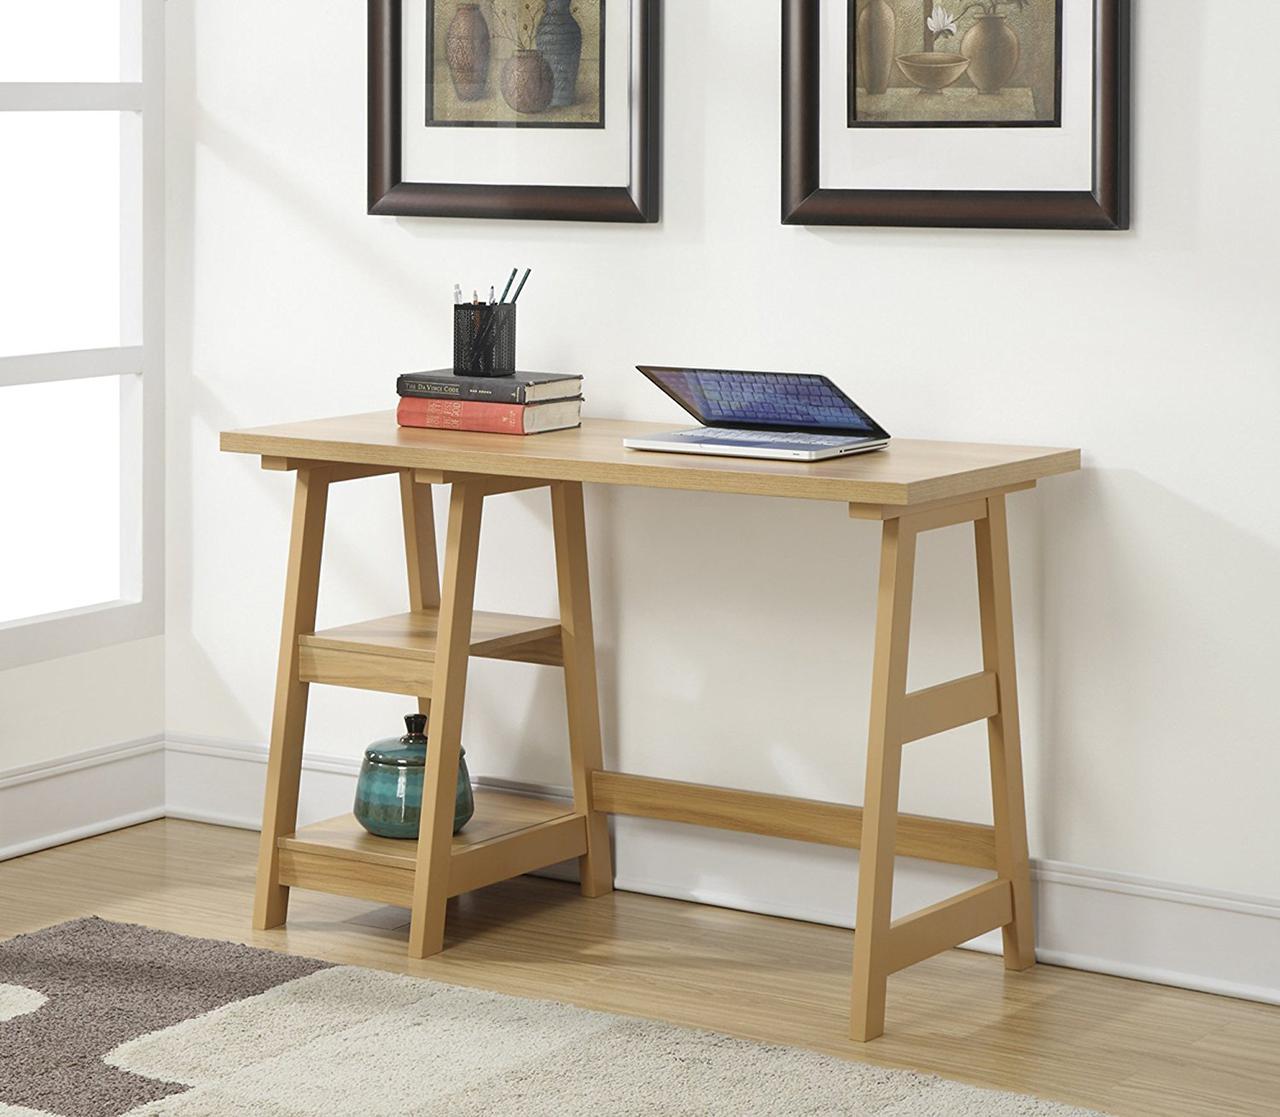 """Дизайнерский стол """"Эдгар"""" из массива экологически чистого дерева"""